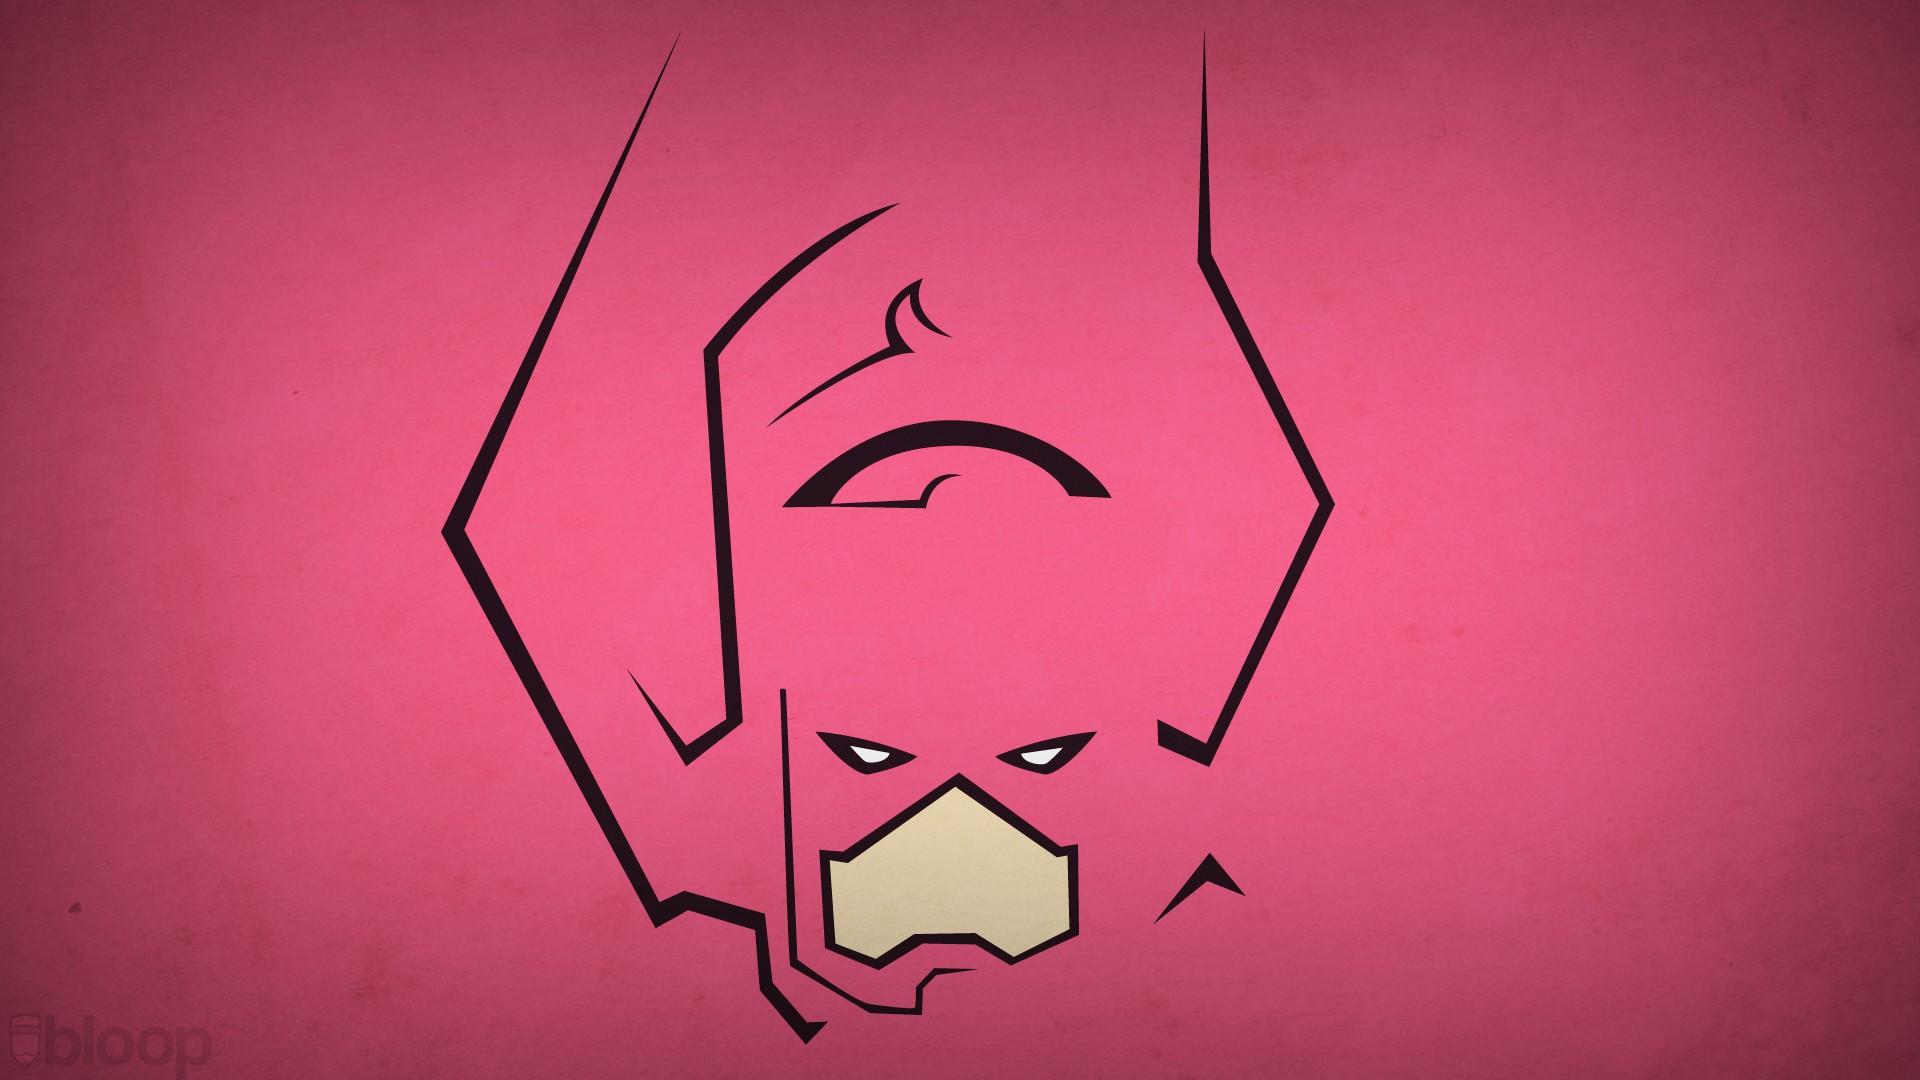 デスクトップ壁紙 お絵かき 図 赤 テキスト ロゴ ヒーロー